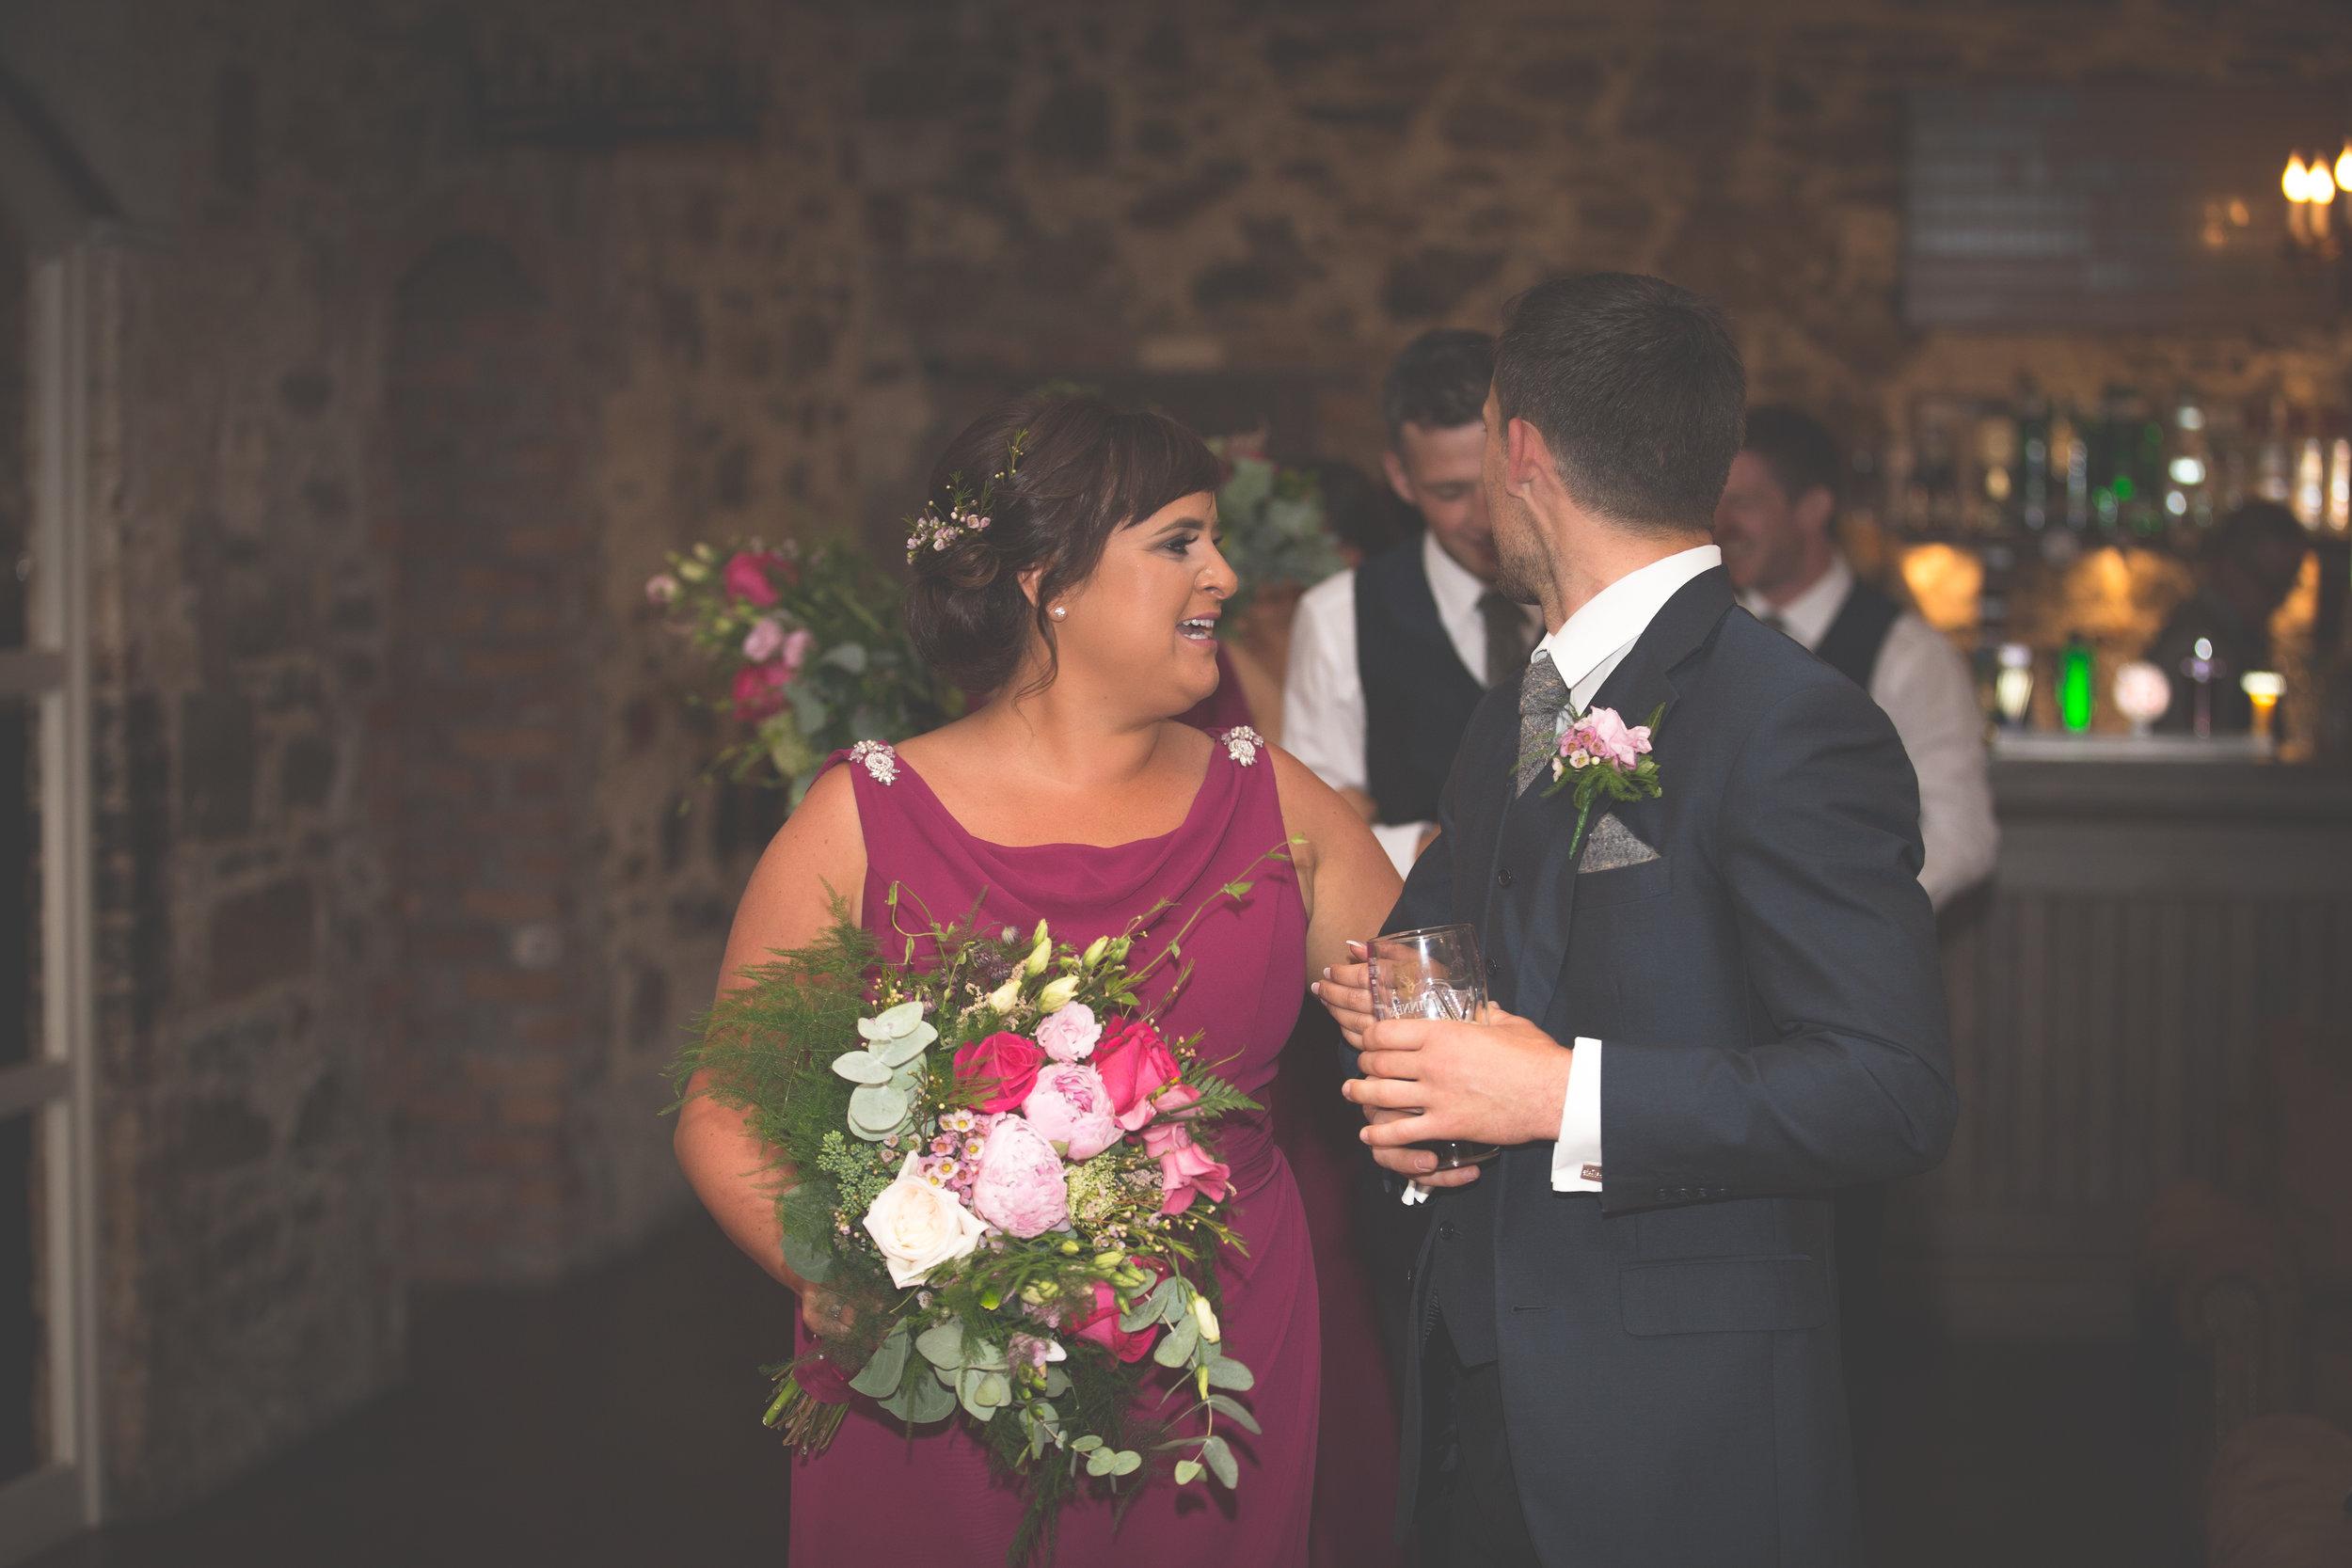 Brian McEwan Wedding Photography | Carol-Anne & Sean | The Speeches-44.jpg